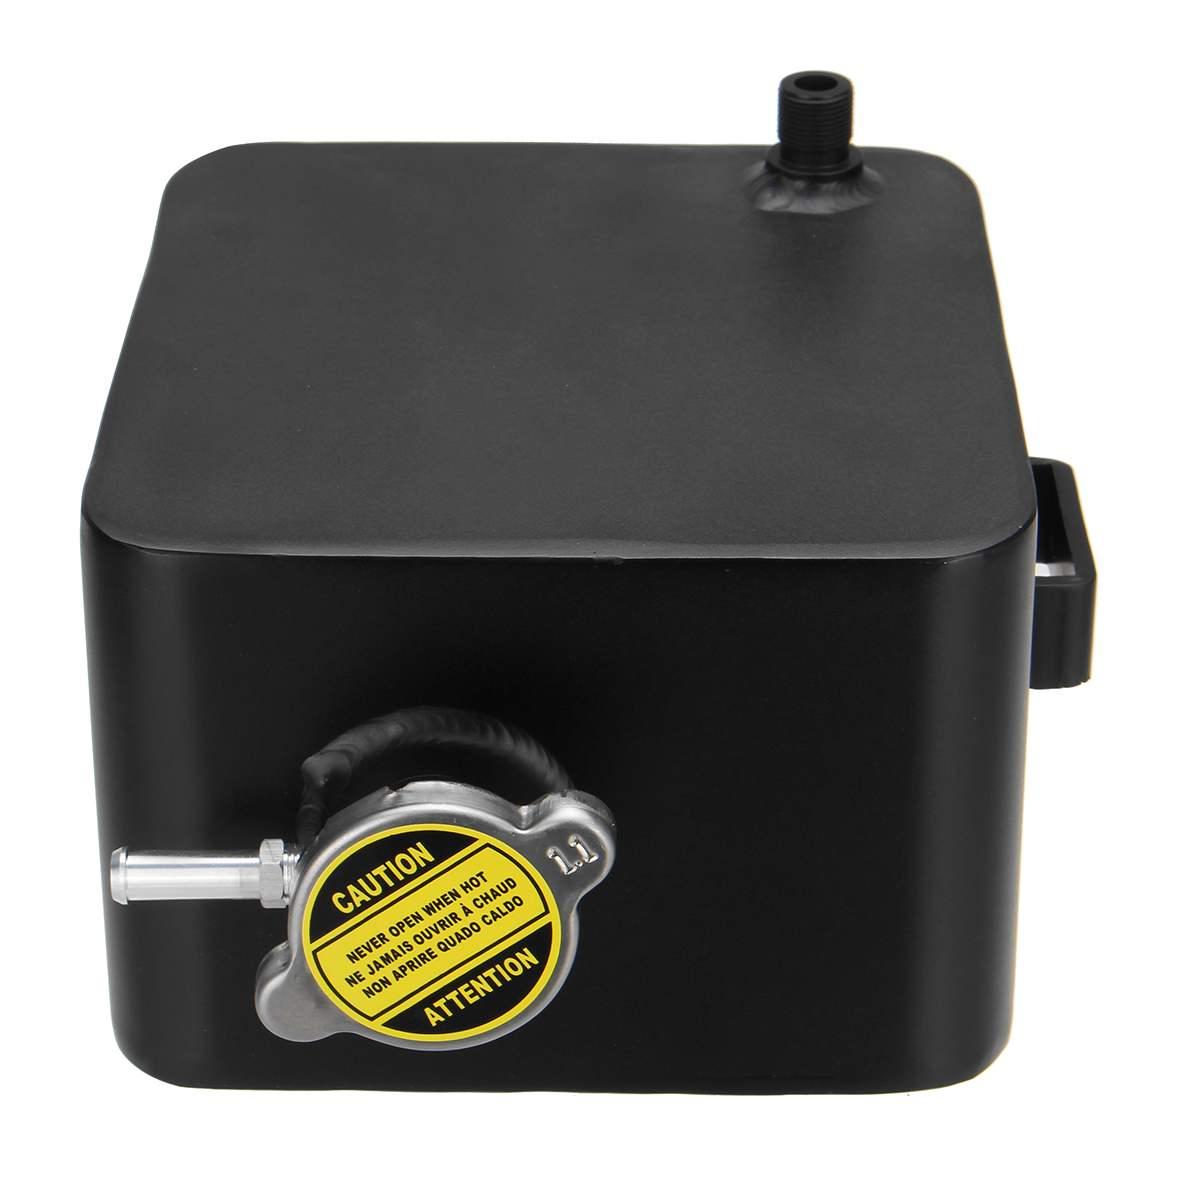 2.5L alliage aluminium réservoir d'eau liquide de refroidissement universel réservoir de débordement réservoir Kit refroidisseur Automobile voiture arrosoir vase d'expansion - 6